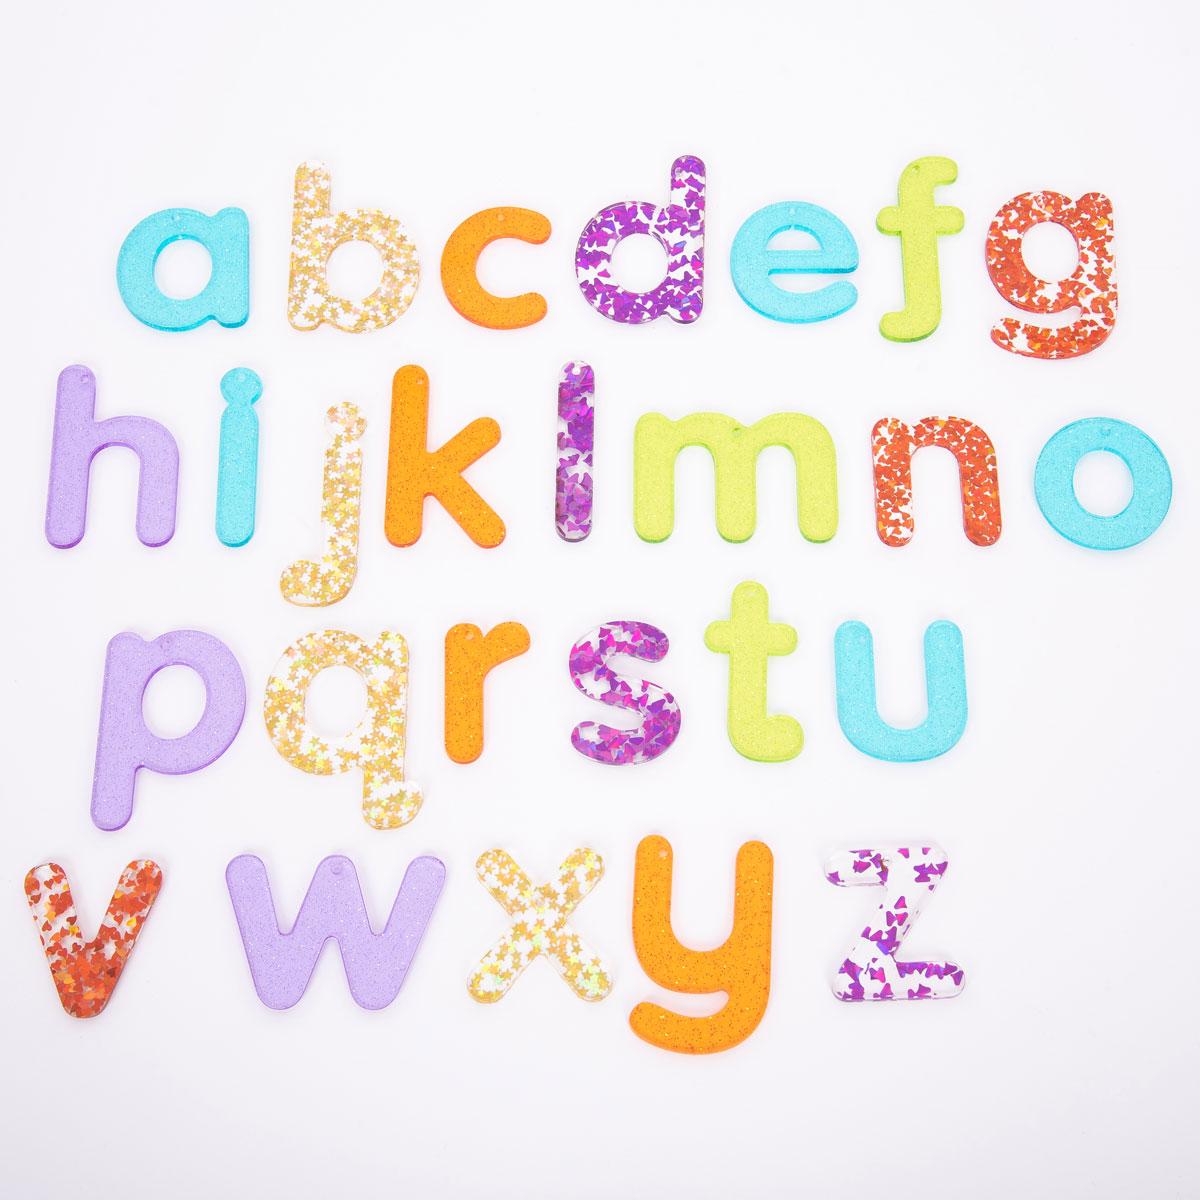 Tts Bee Bot Mat Treasure Island Itsmat1 Primary Ict